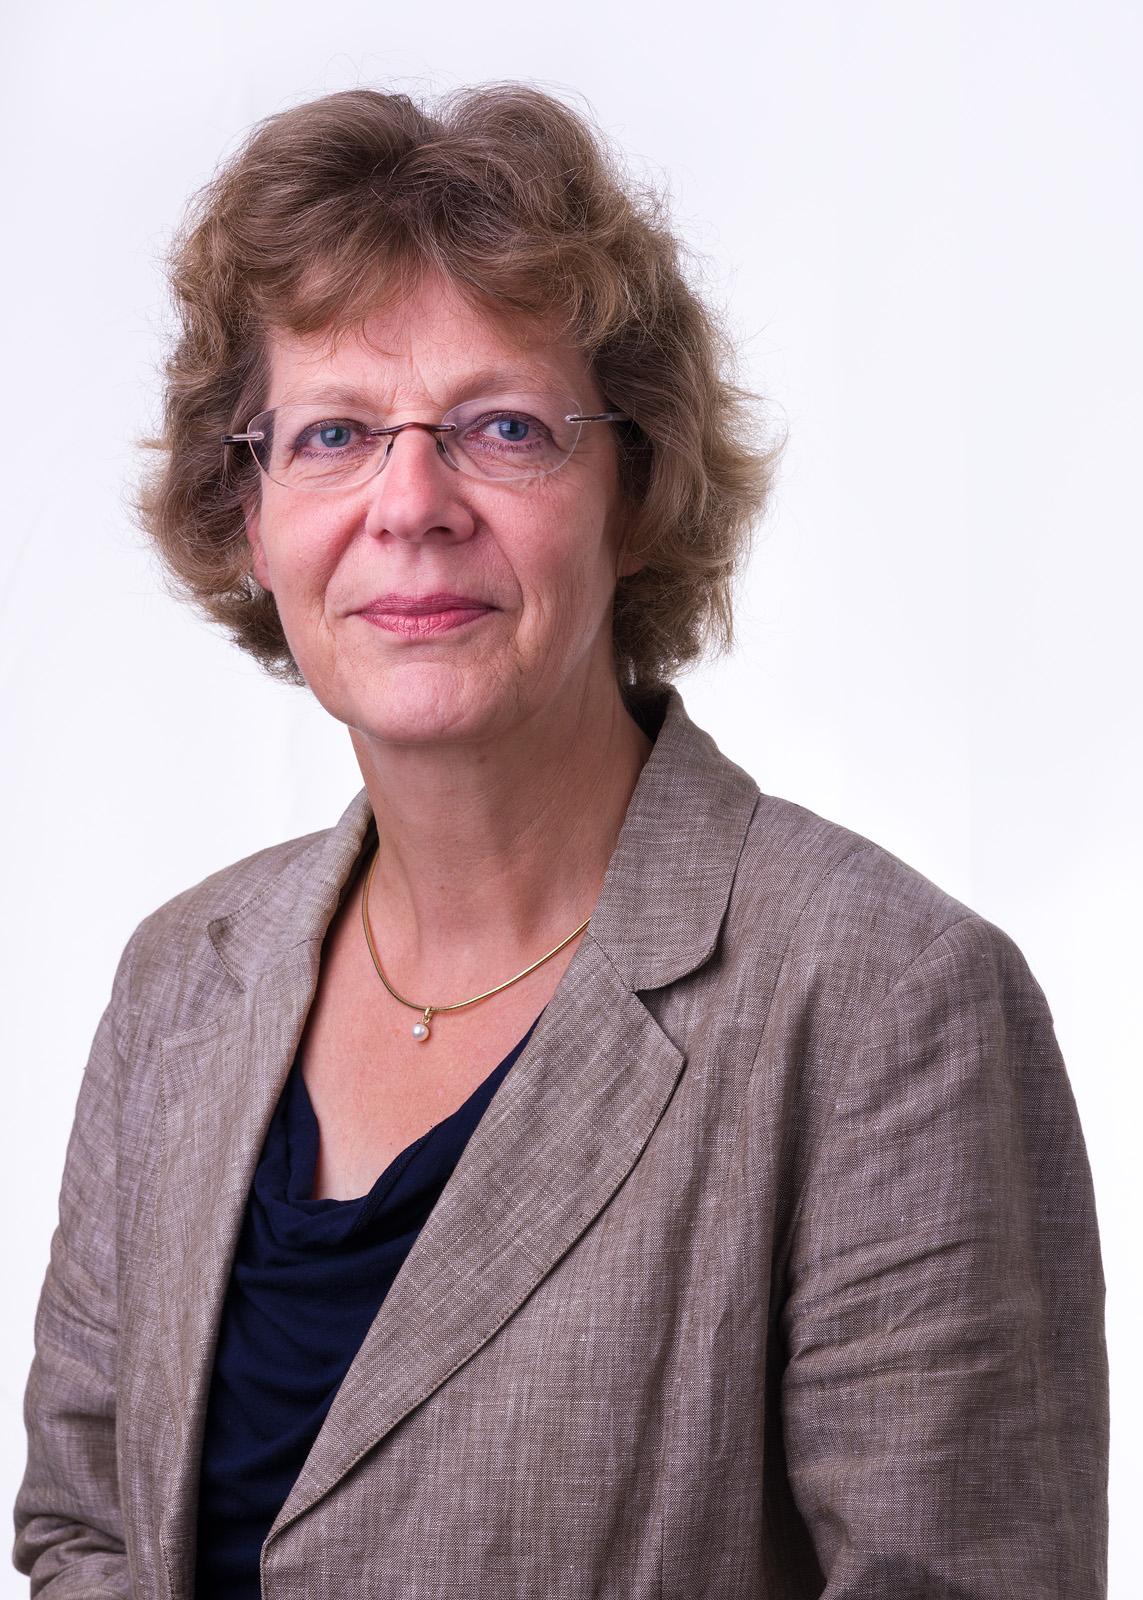 Karen Verbeek